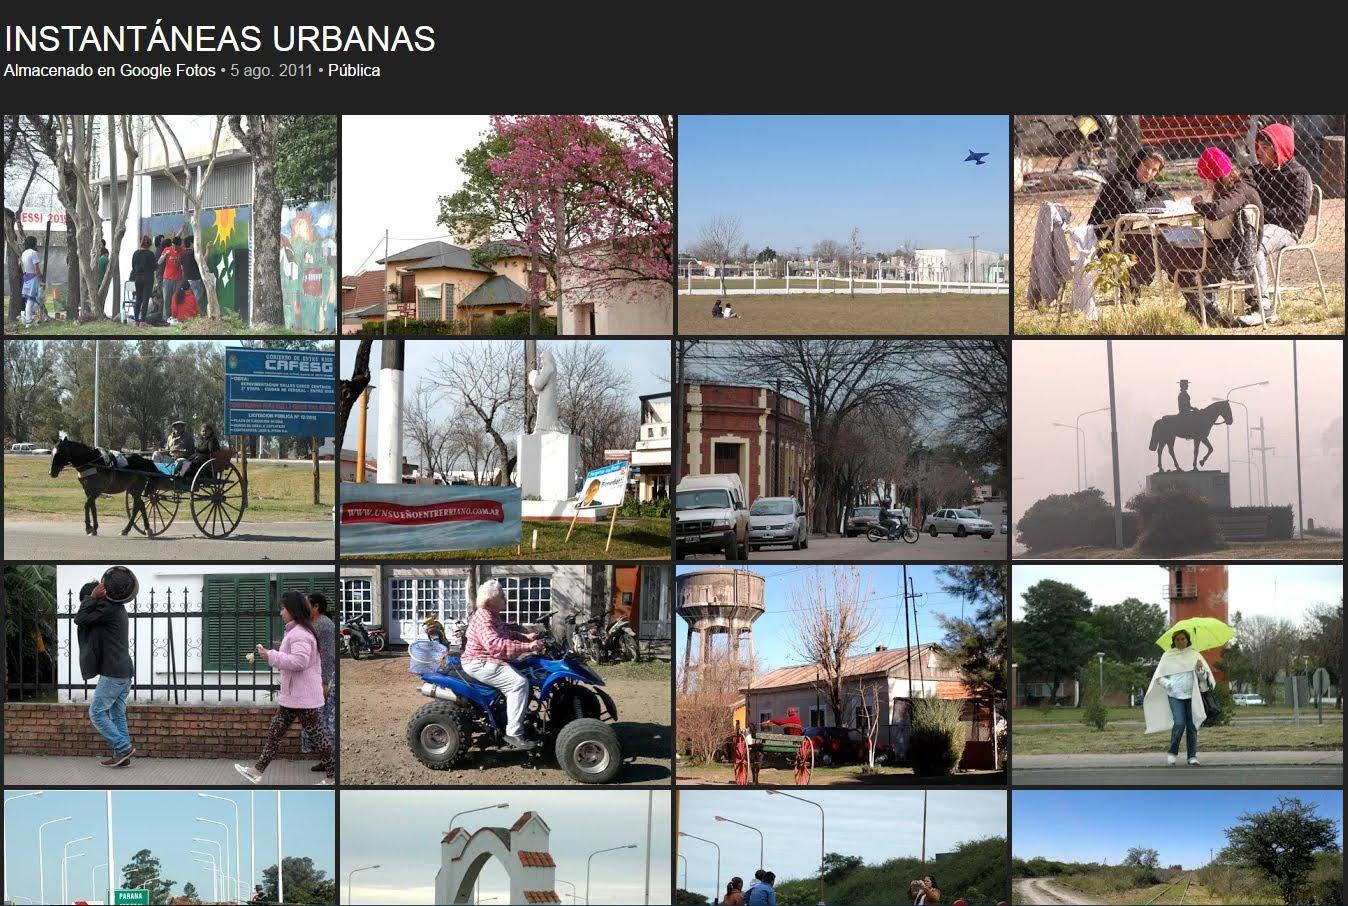 ARCHIVO-GALERÍA DE INSTANTÁNEAS URBANAS